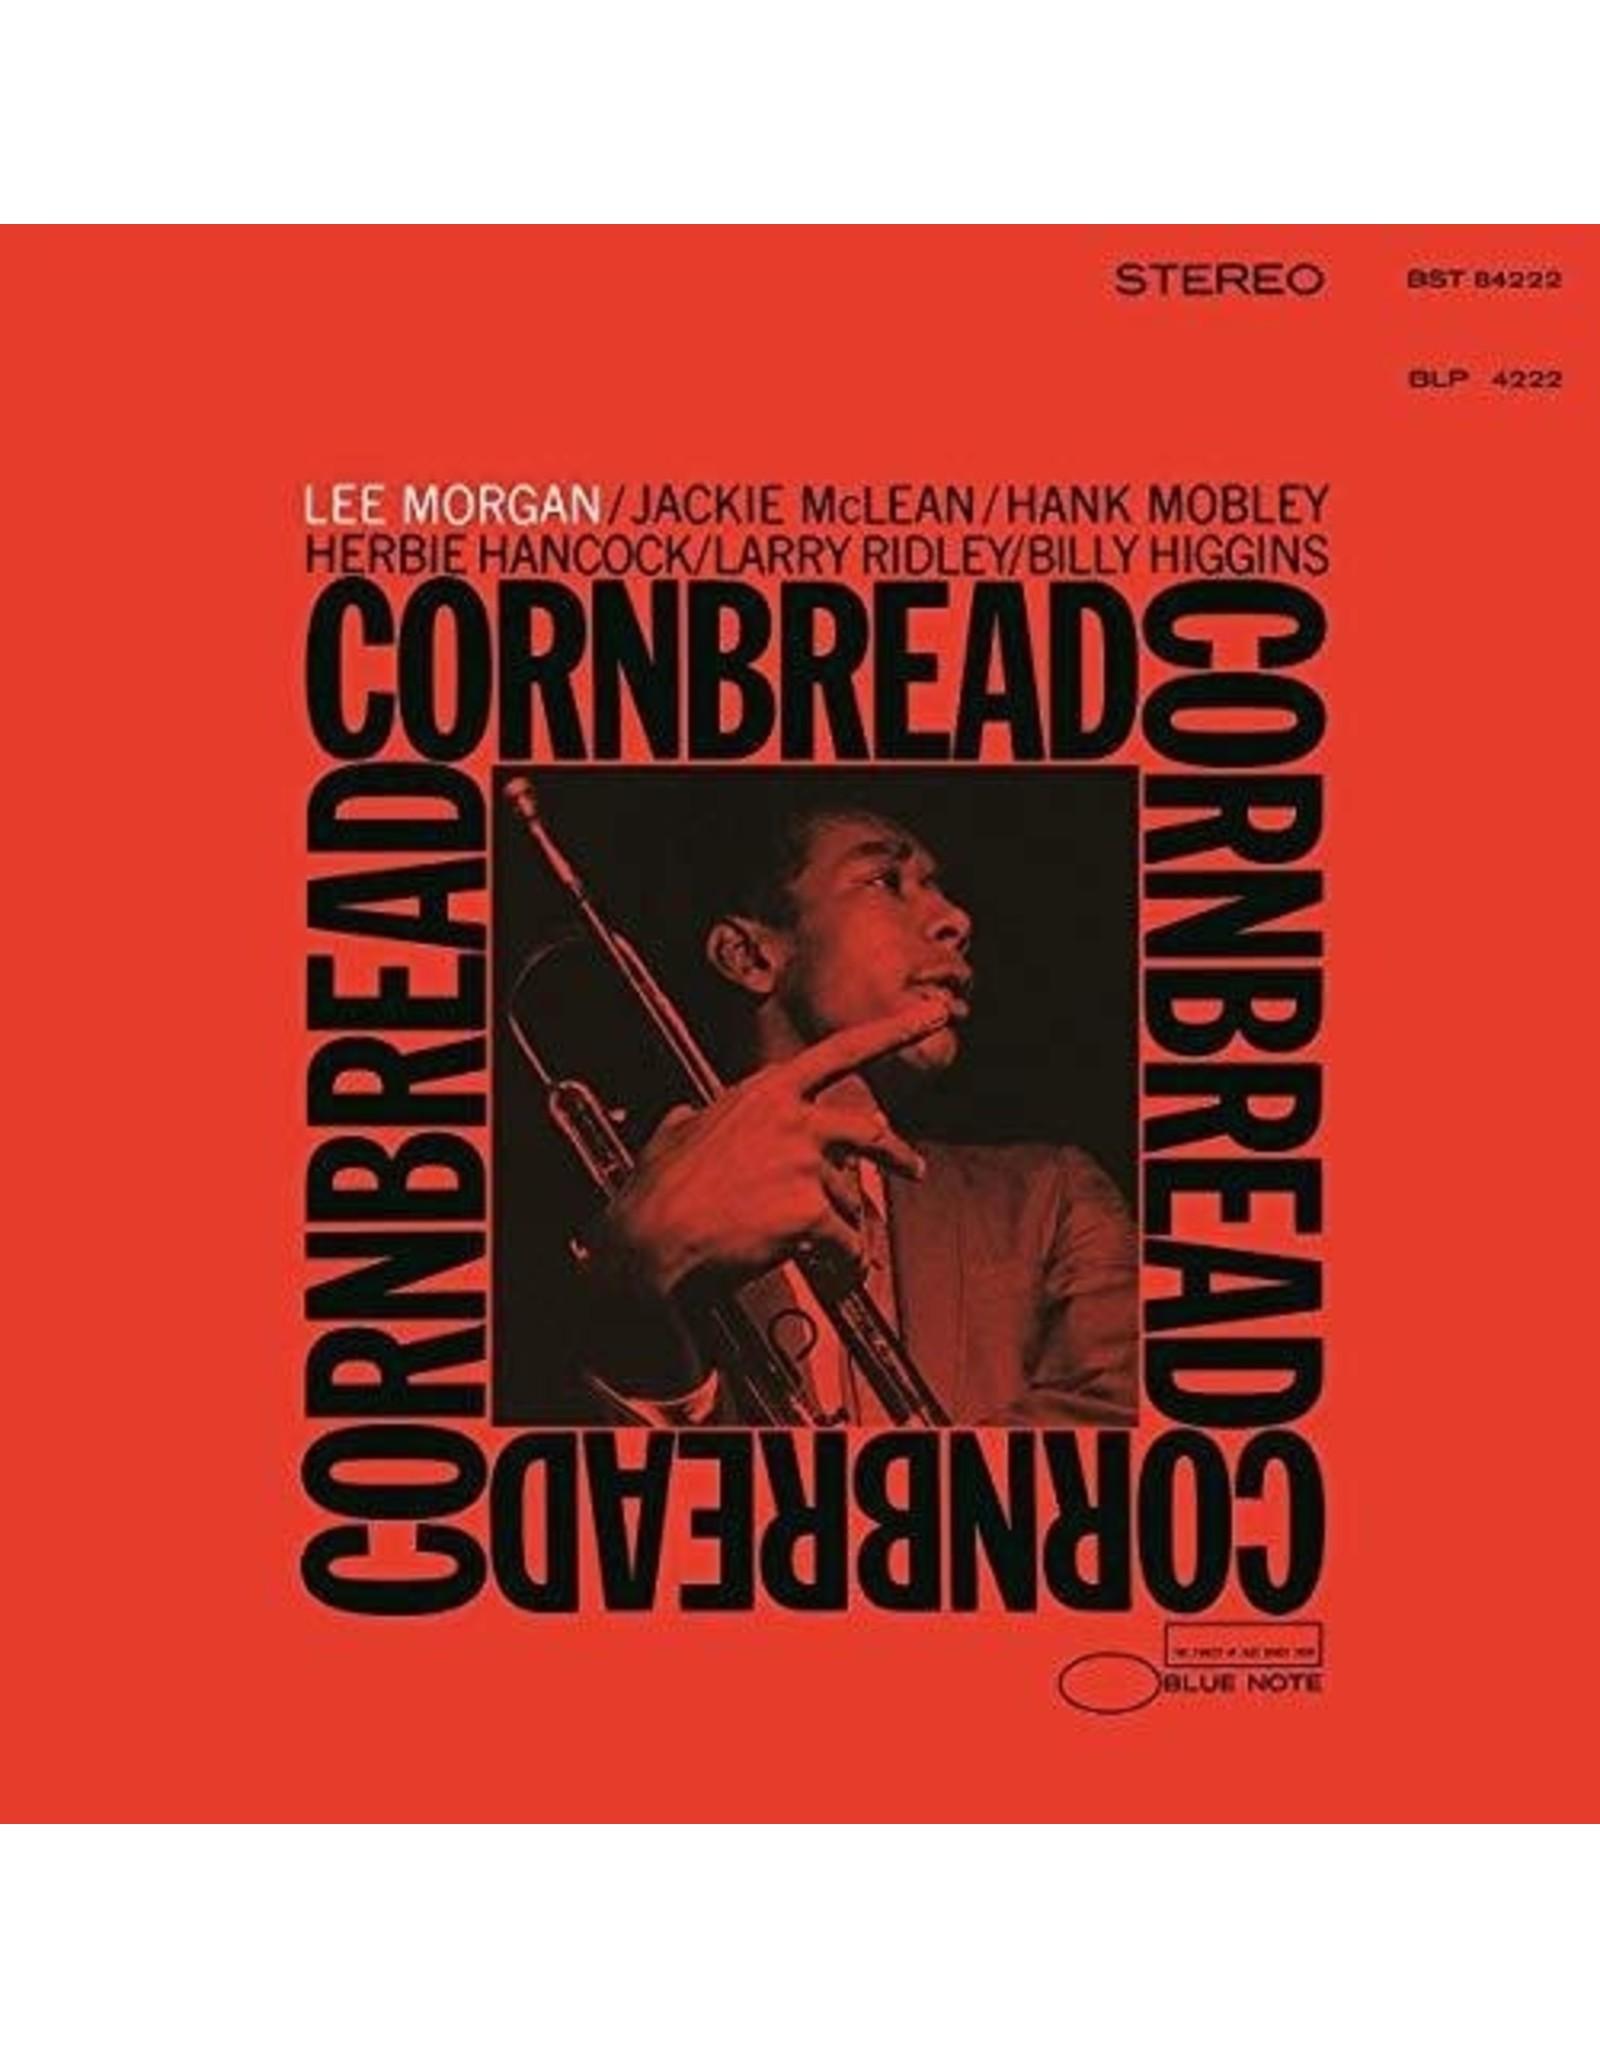 New Vinyl Lee Morgan - Cornbread LP